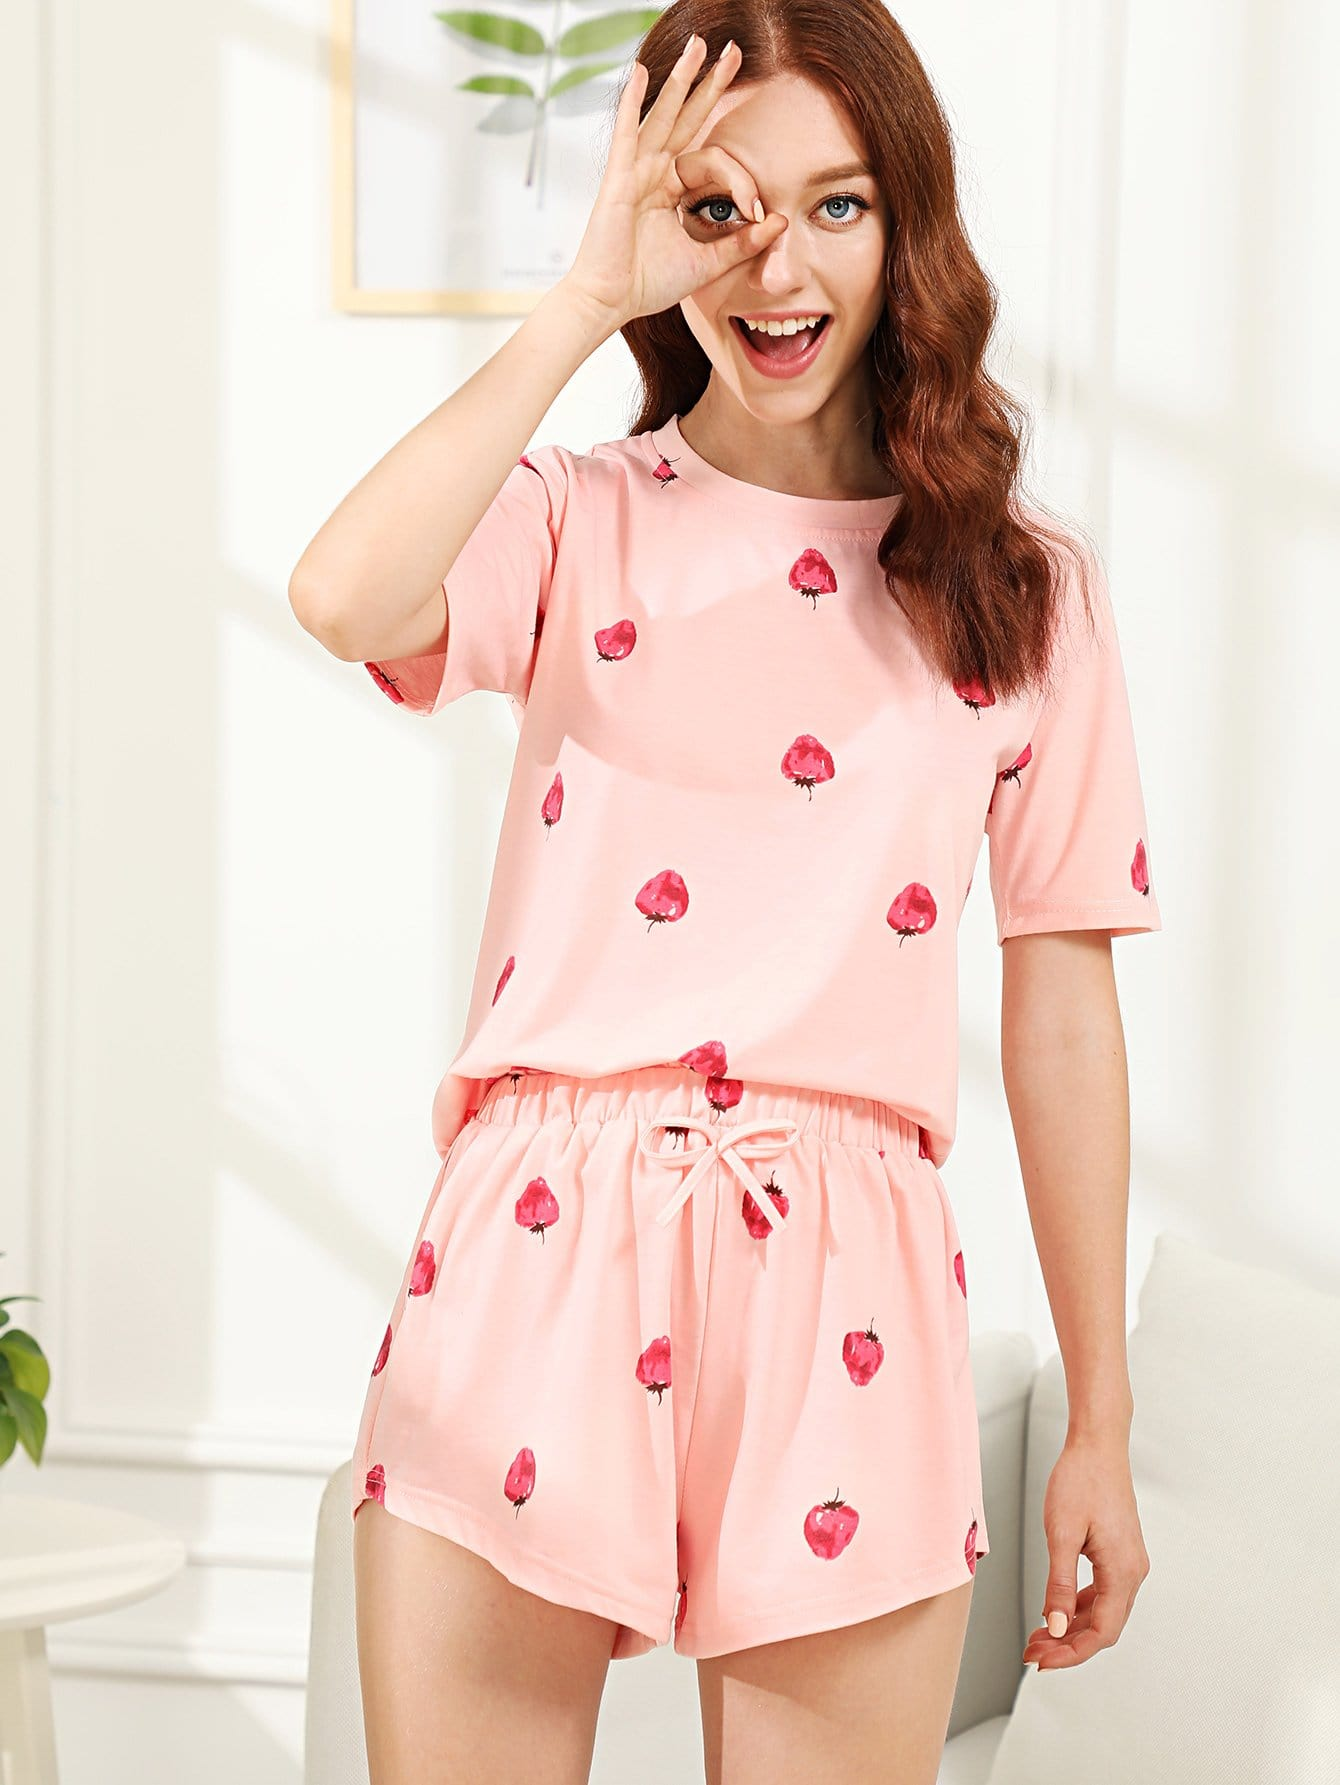 Купить Комплект пижамы топ с принтом клубники и шорты, Poly, SheIn